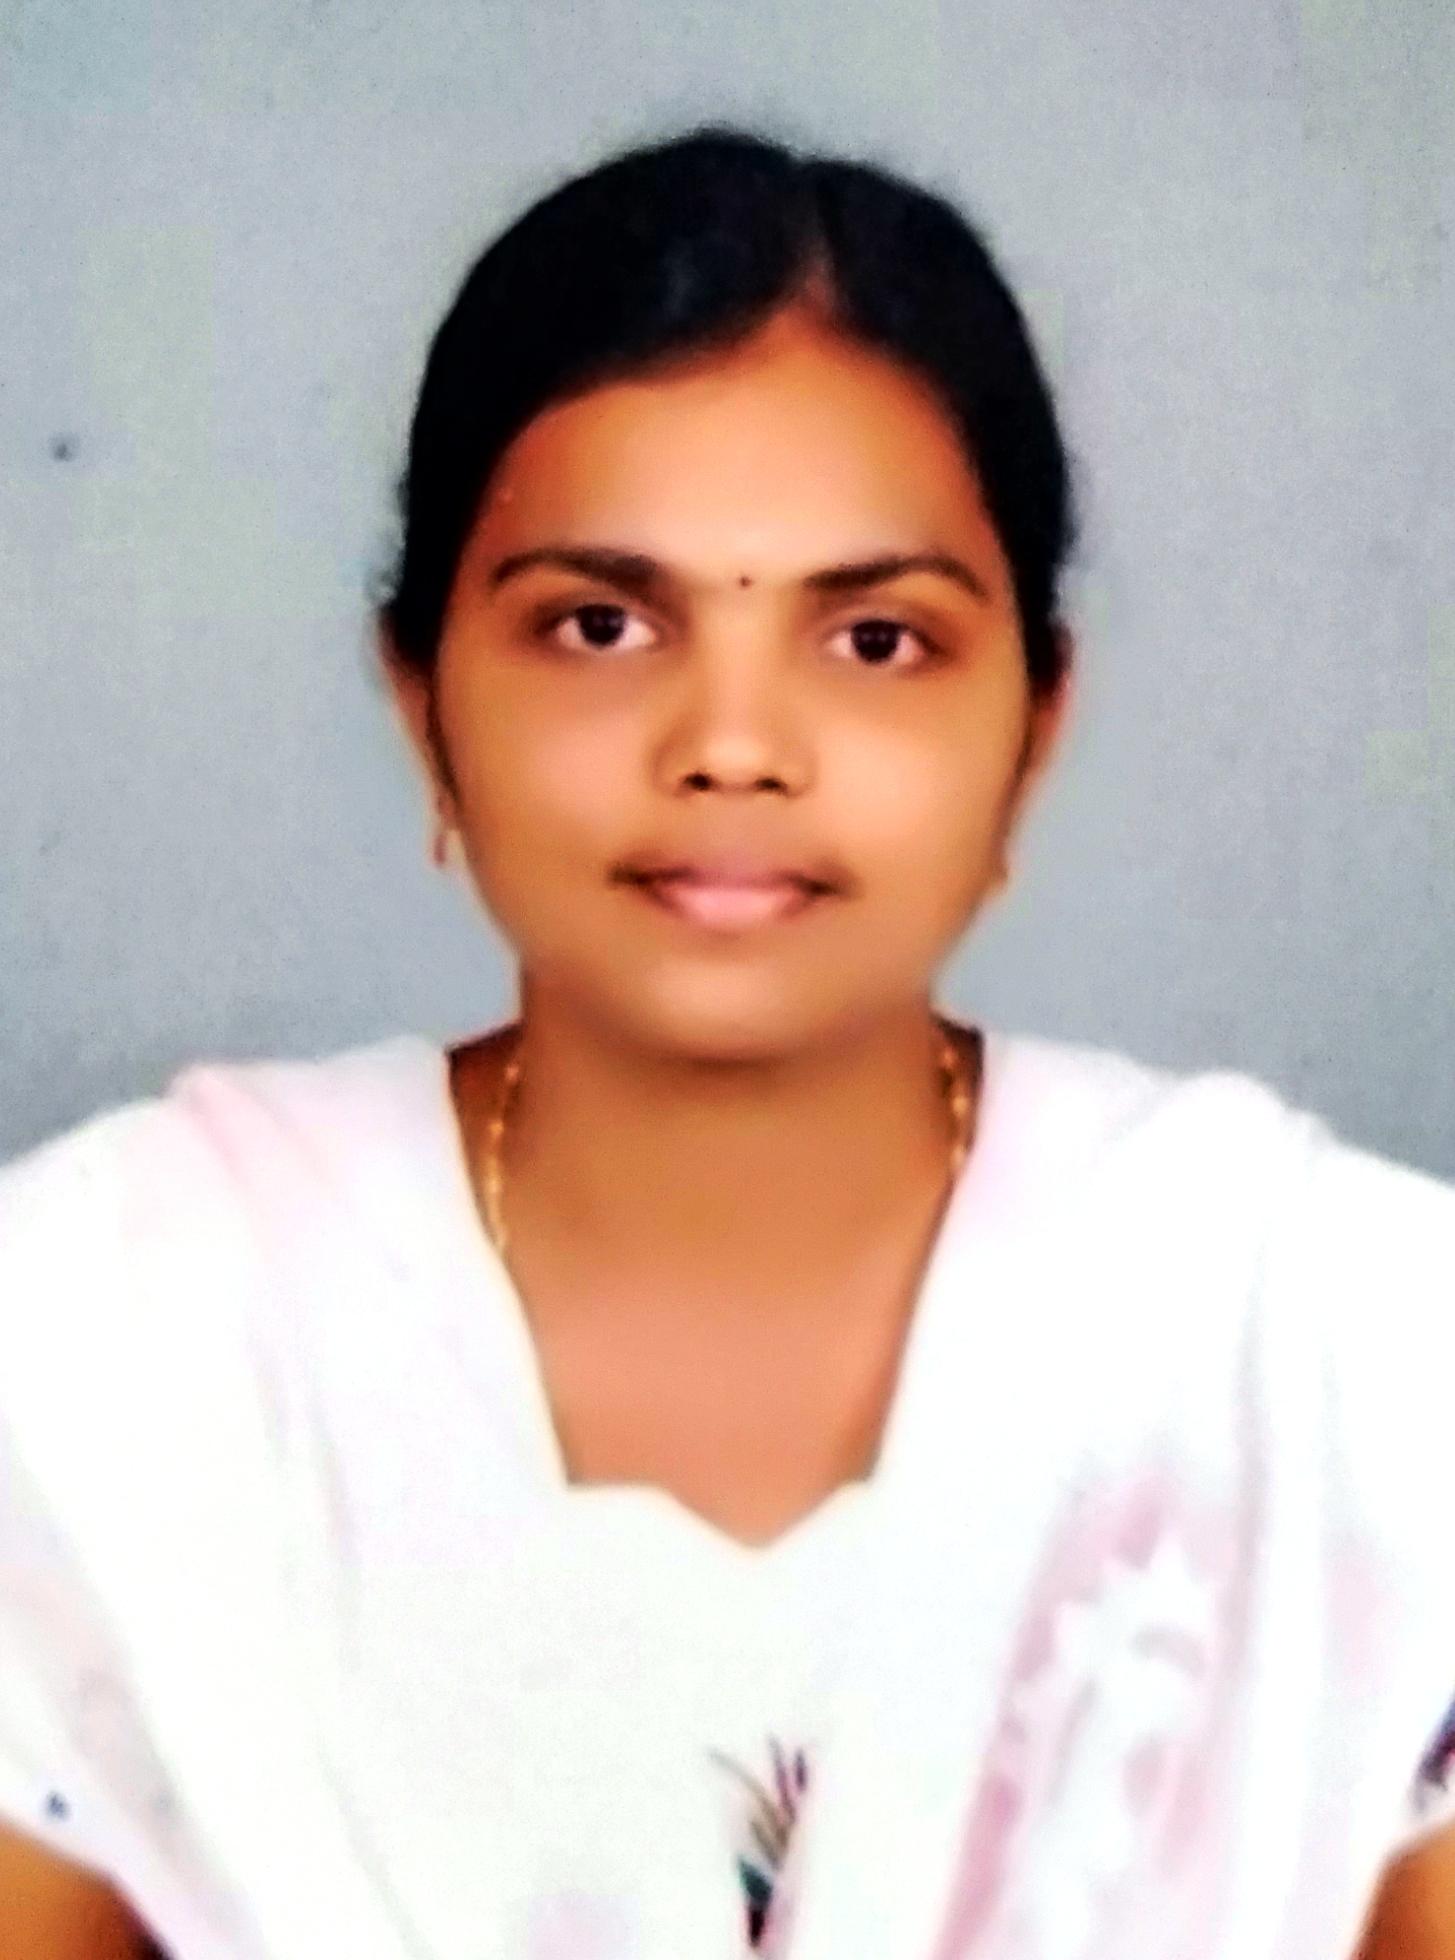 V NAGA BHARGAVI